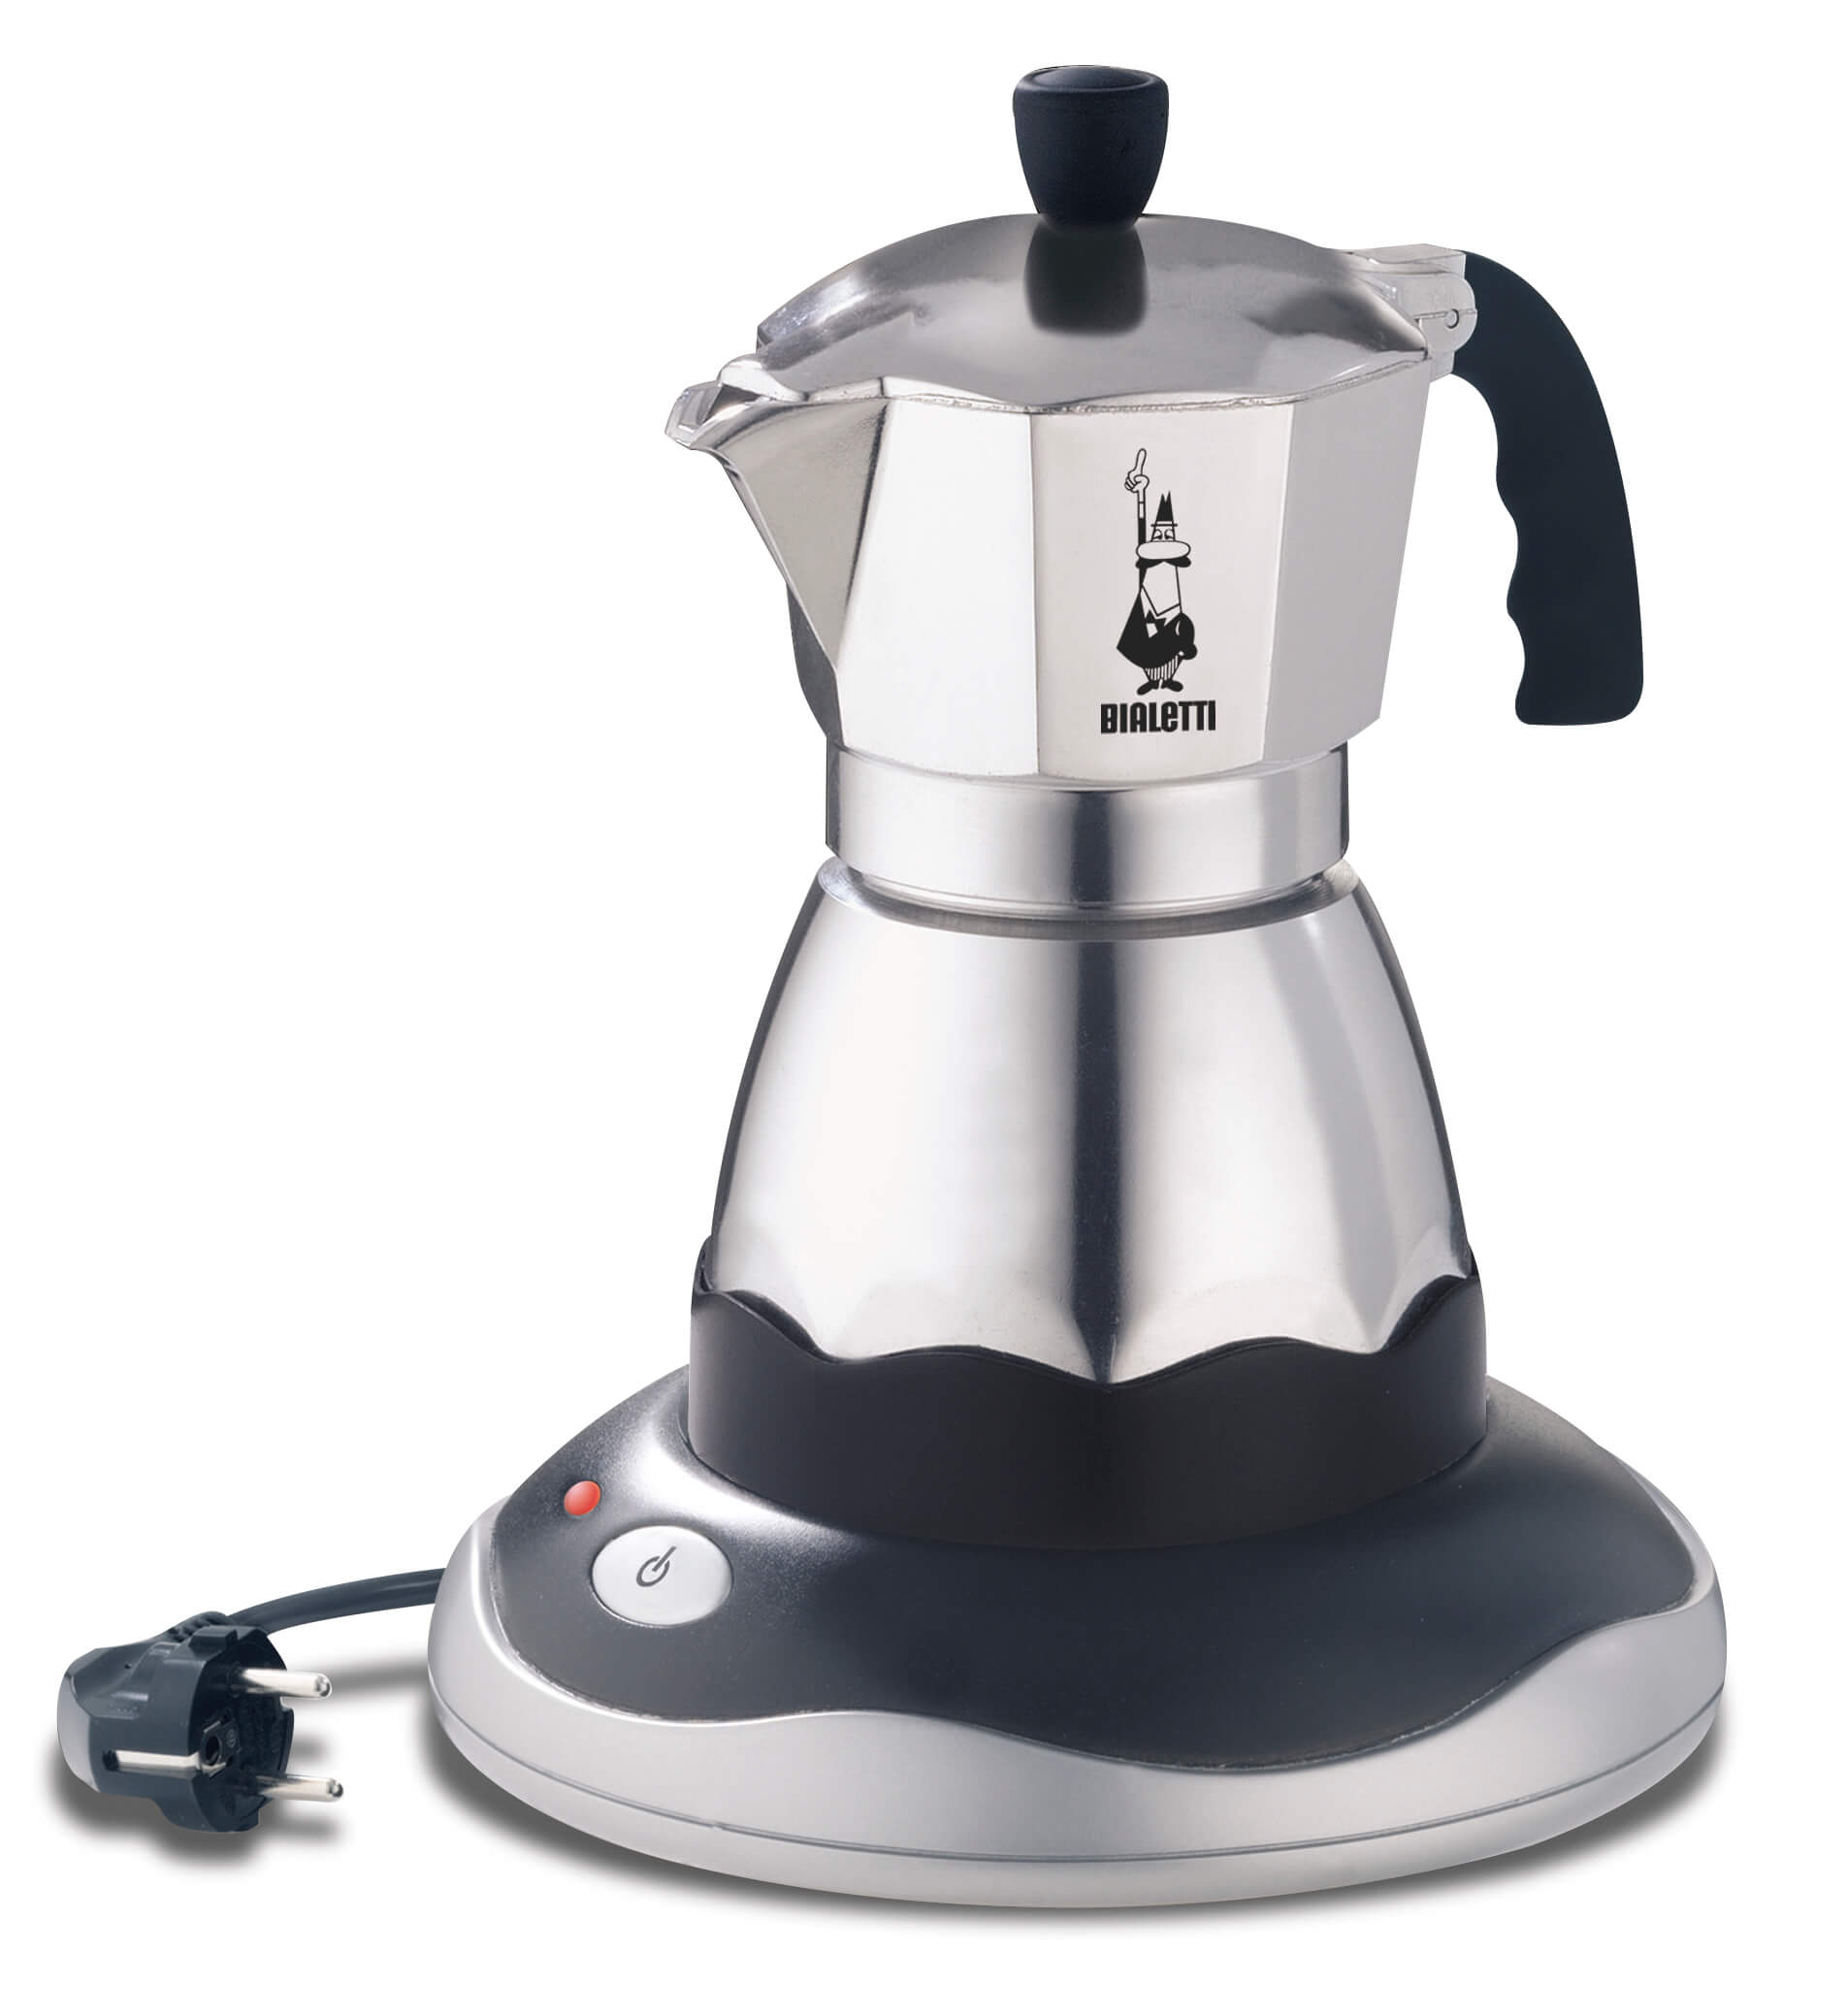 Как выбрать кофеварку для дома в 2017 году - лучшие модели